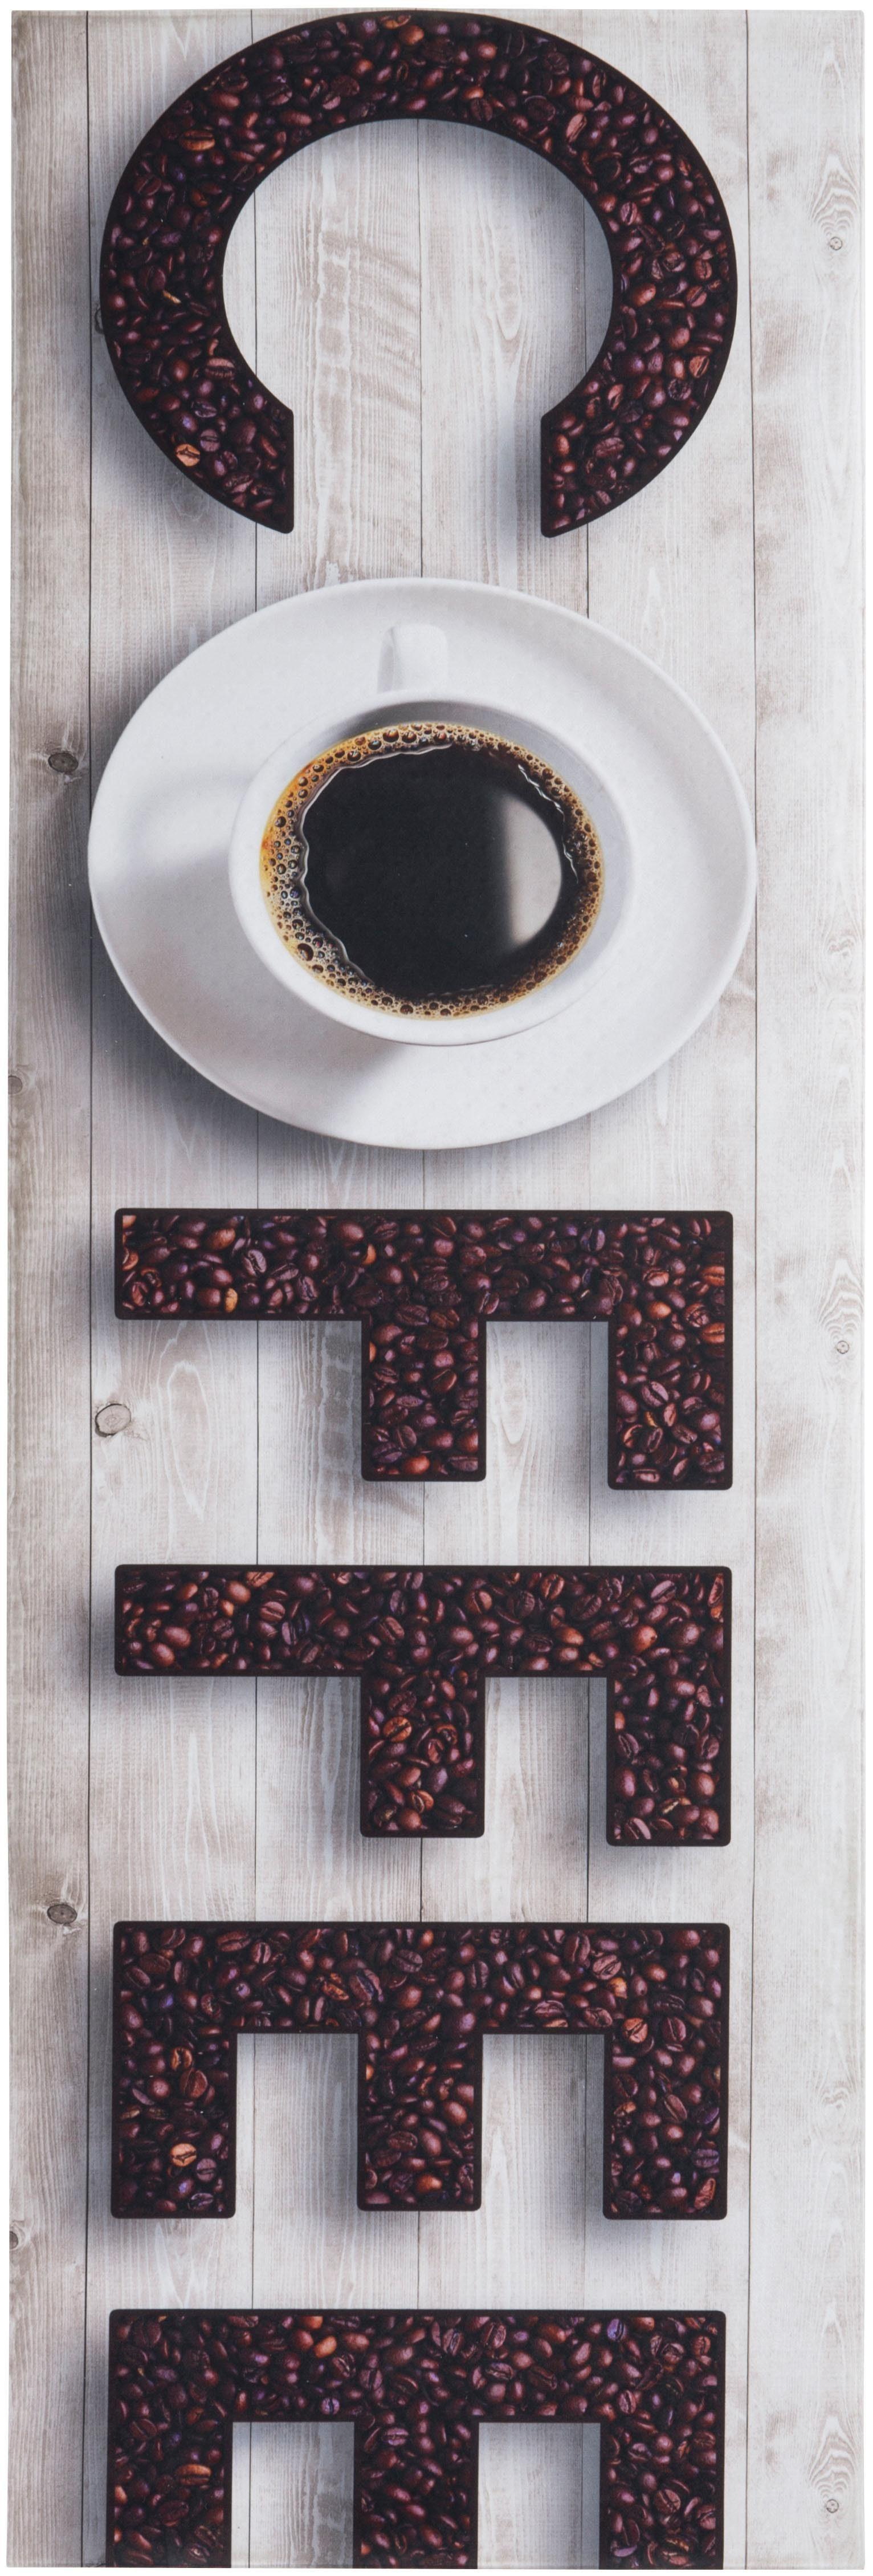 Küchenläufer »Coffee«, Andiamo, rechteckig, Höhe 3 mm, Vinyl